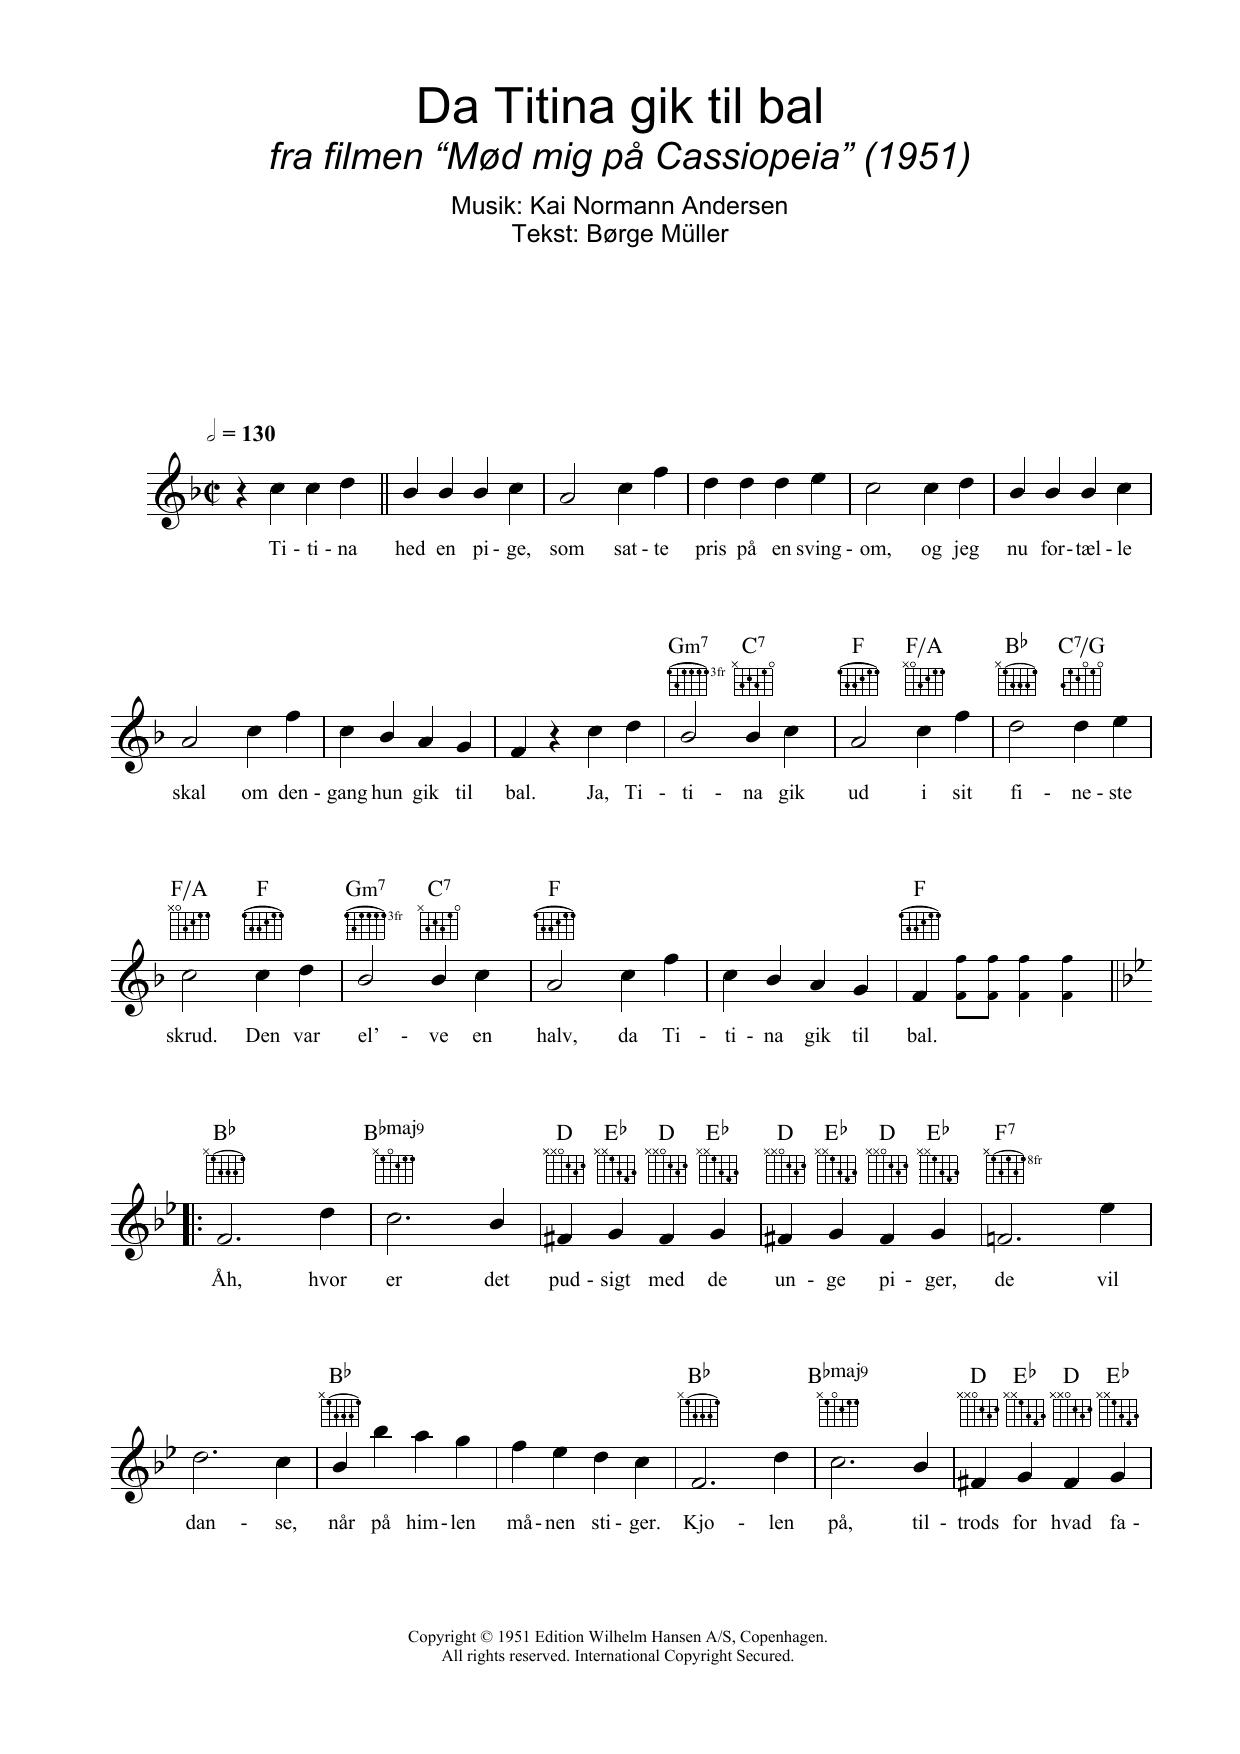 Da Titina Gik Til Bal Sheet Music